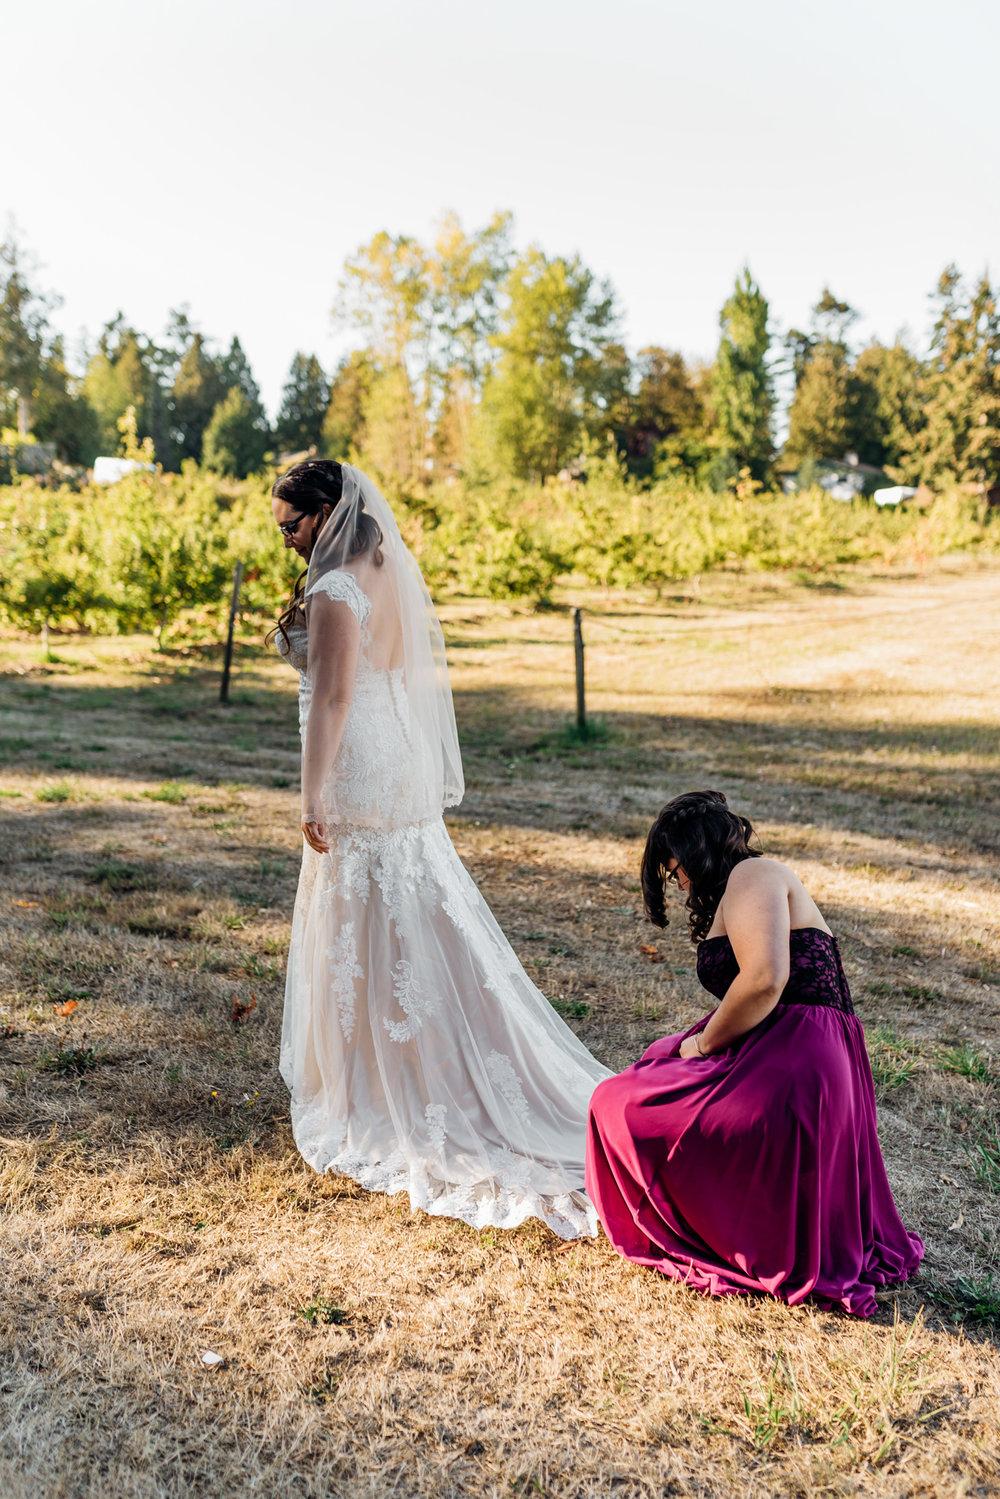 Nicola_Reiersen_Photography_Sea_Cider_Forest_Wedding (49).jpg